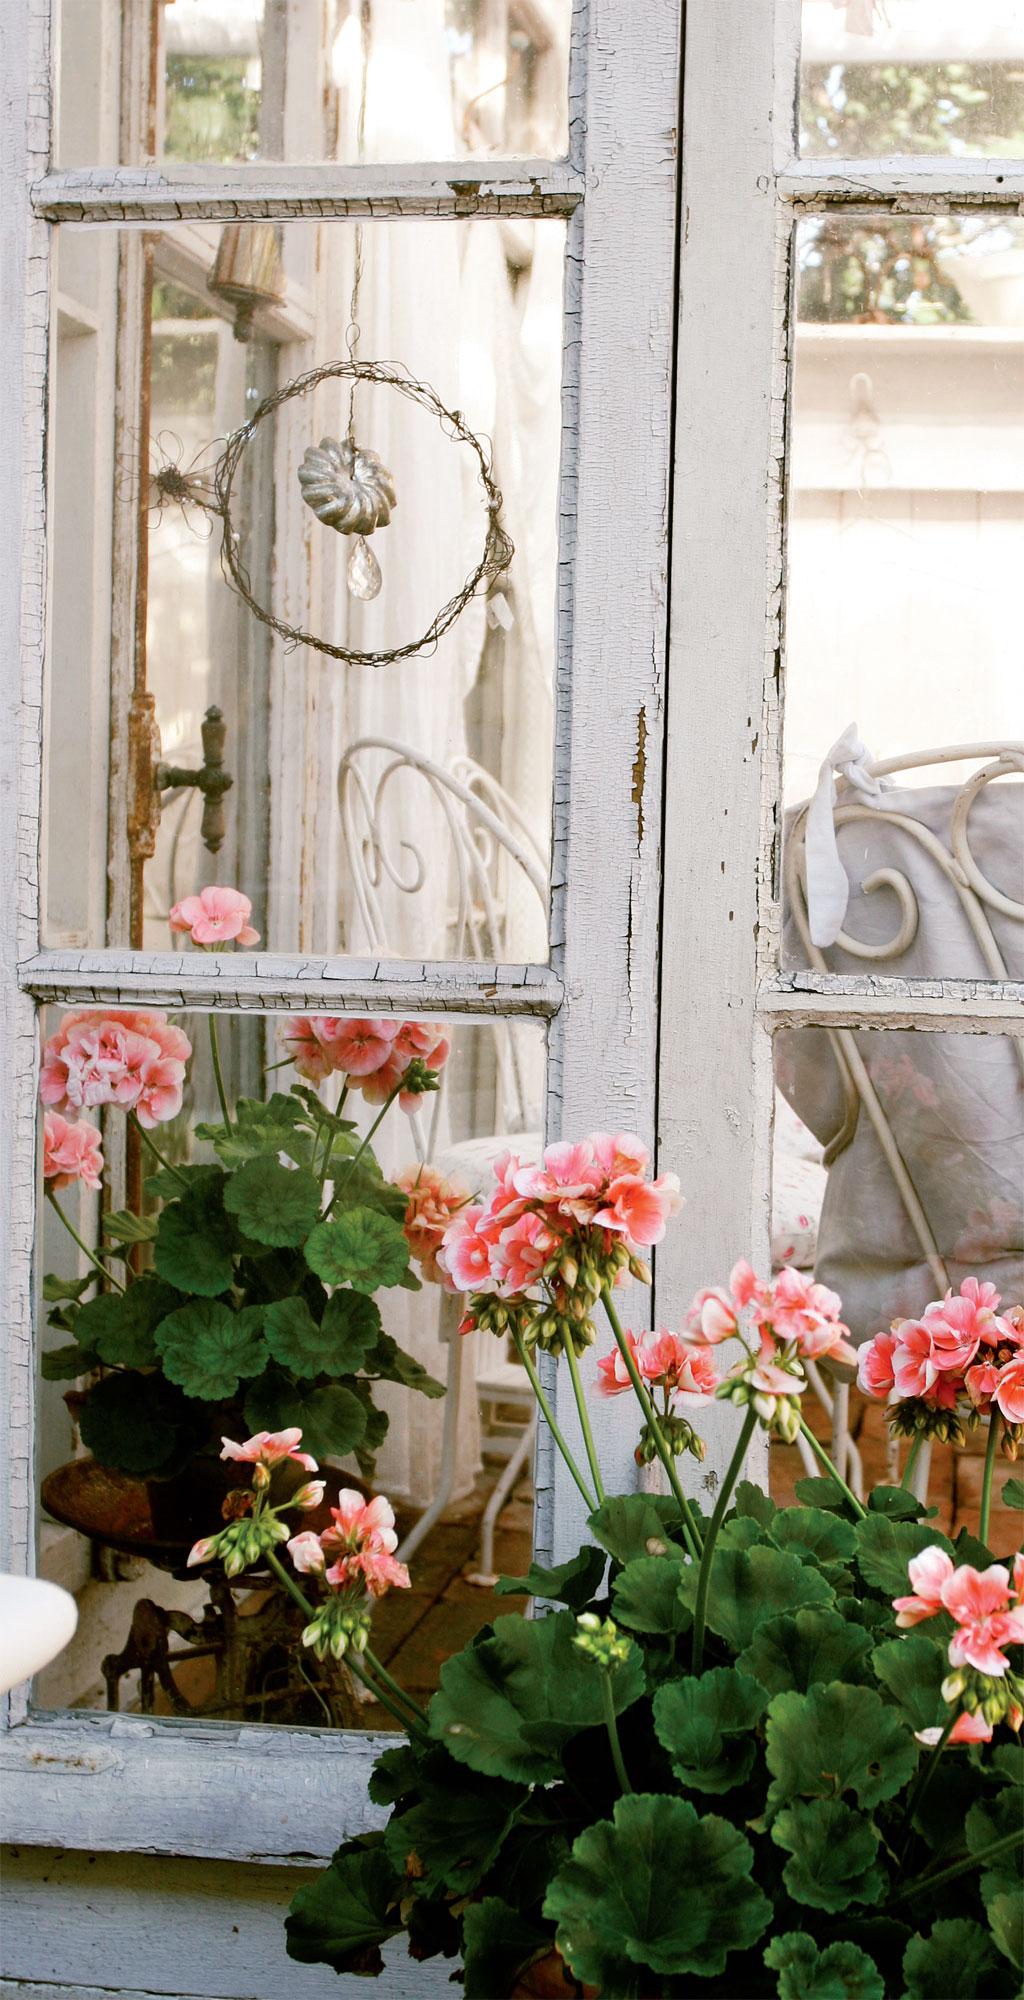 Suurin osa huvimajan ikkunoista on alkuperäisessä kunnossa. Ajan patina saa näkyä.